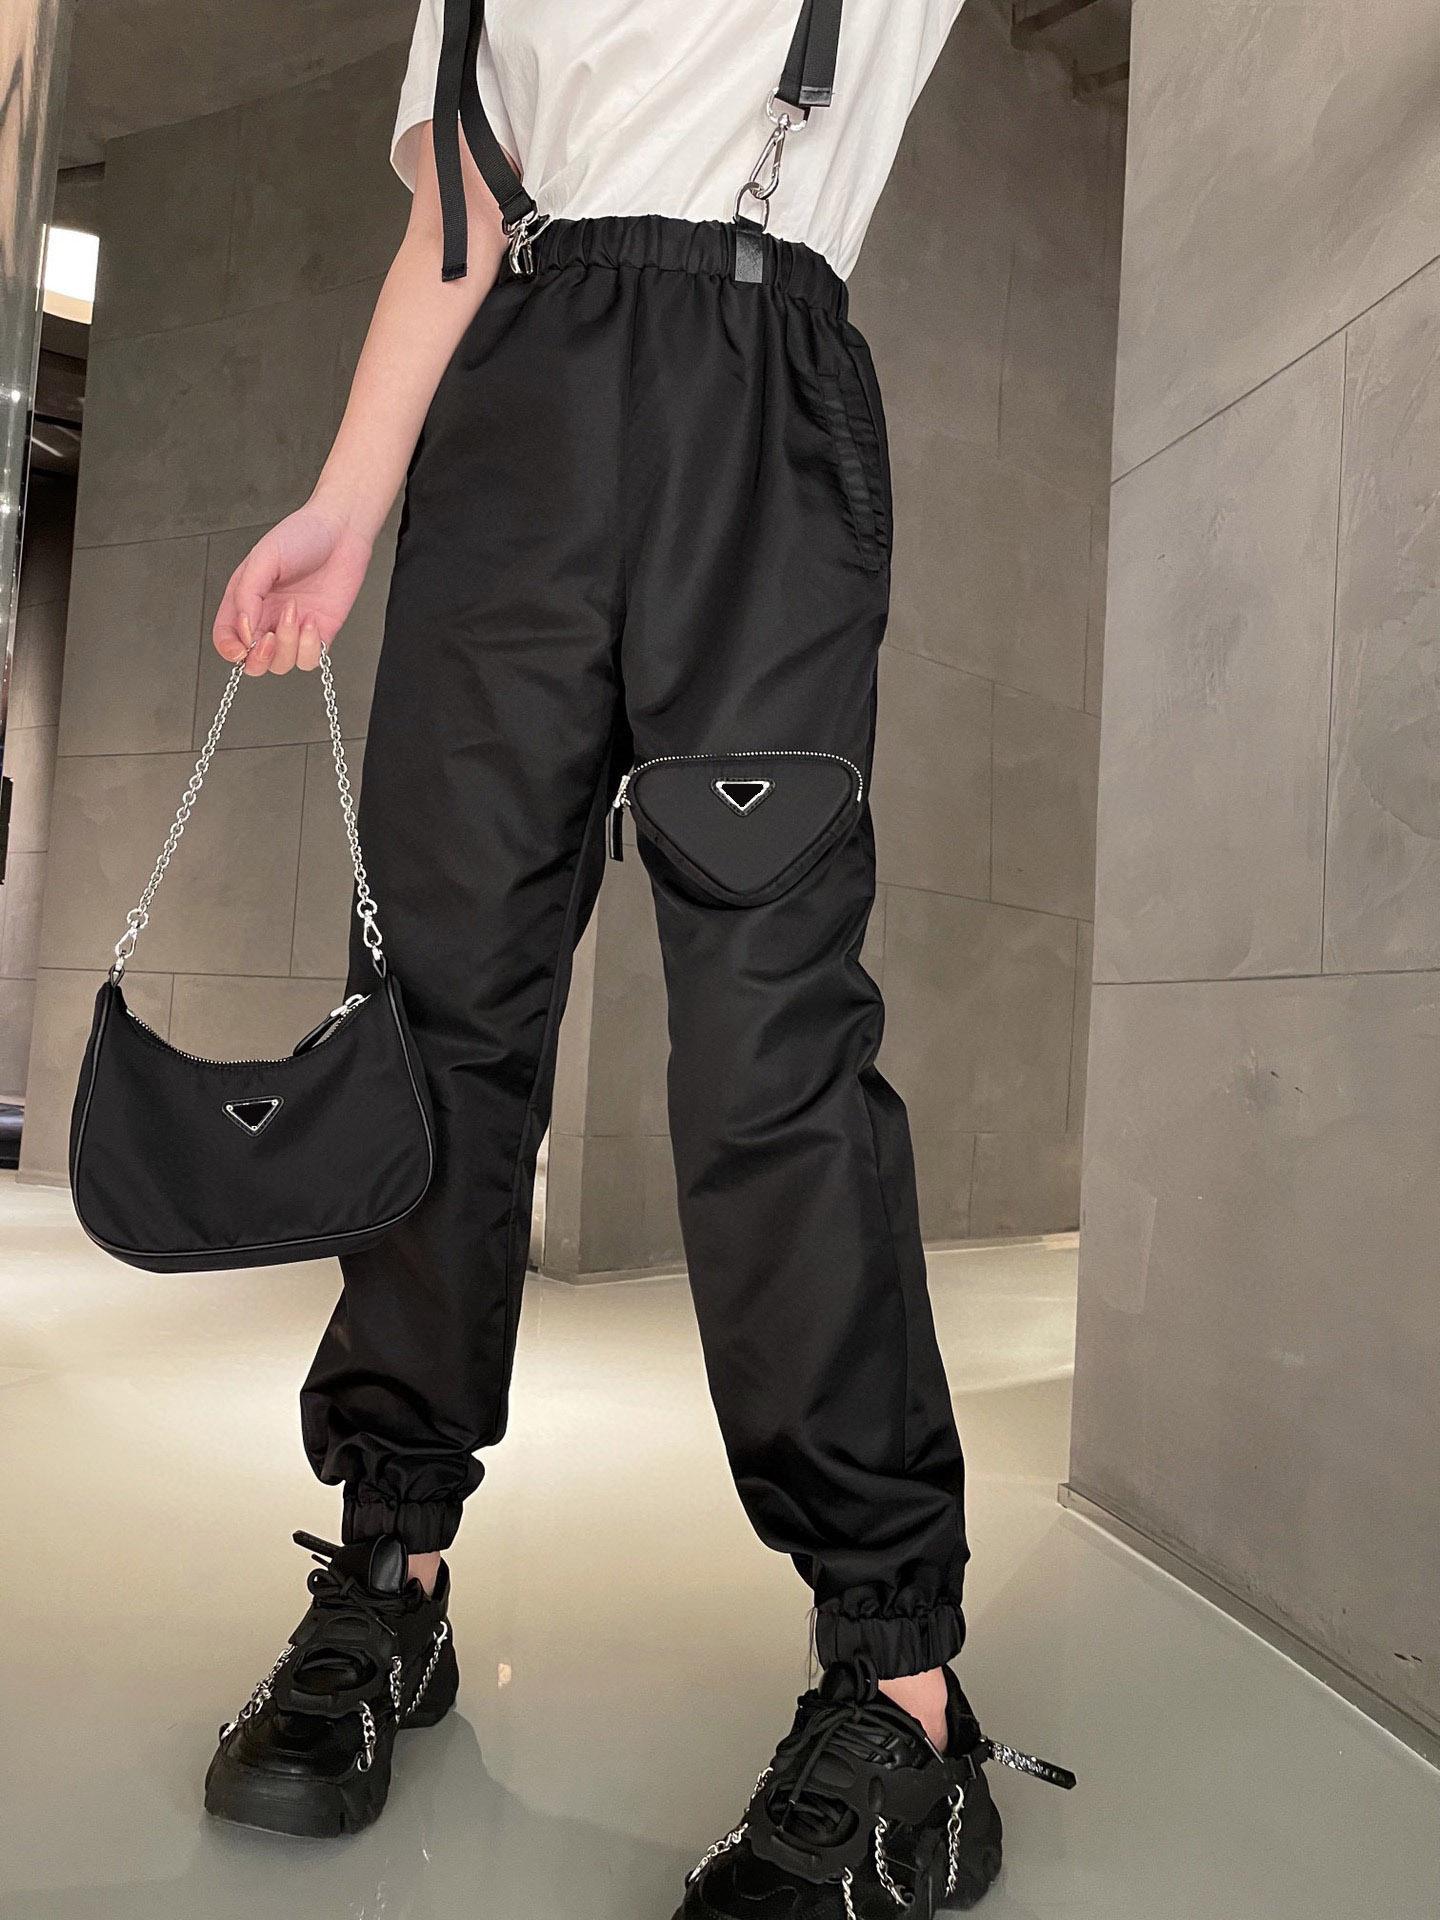 21 Avrupa Sıcak Modeller Bayan Pantolon Gündelik İş Alışveriş Tulum İthal Naylon Yüksek Kaliteli En İyi Fashionistas Gevşek Ve Konforlu Kayış Tasarım Pantolon